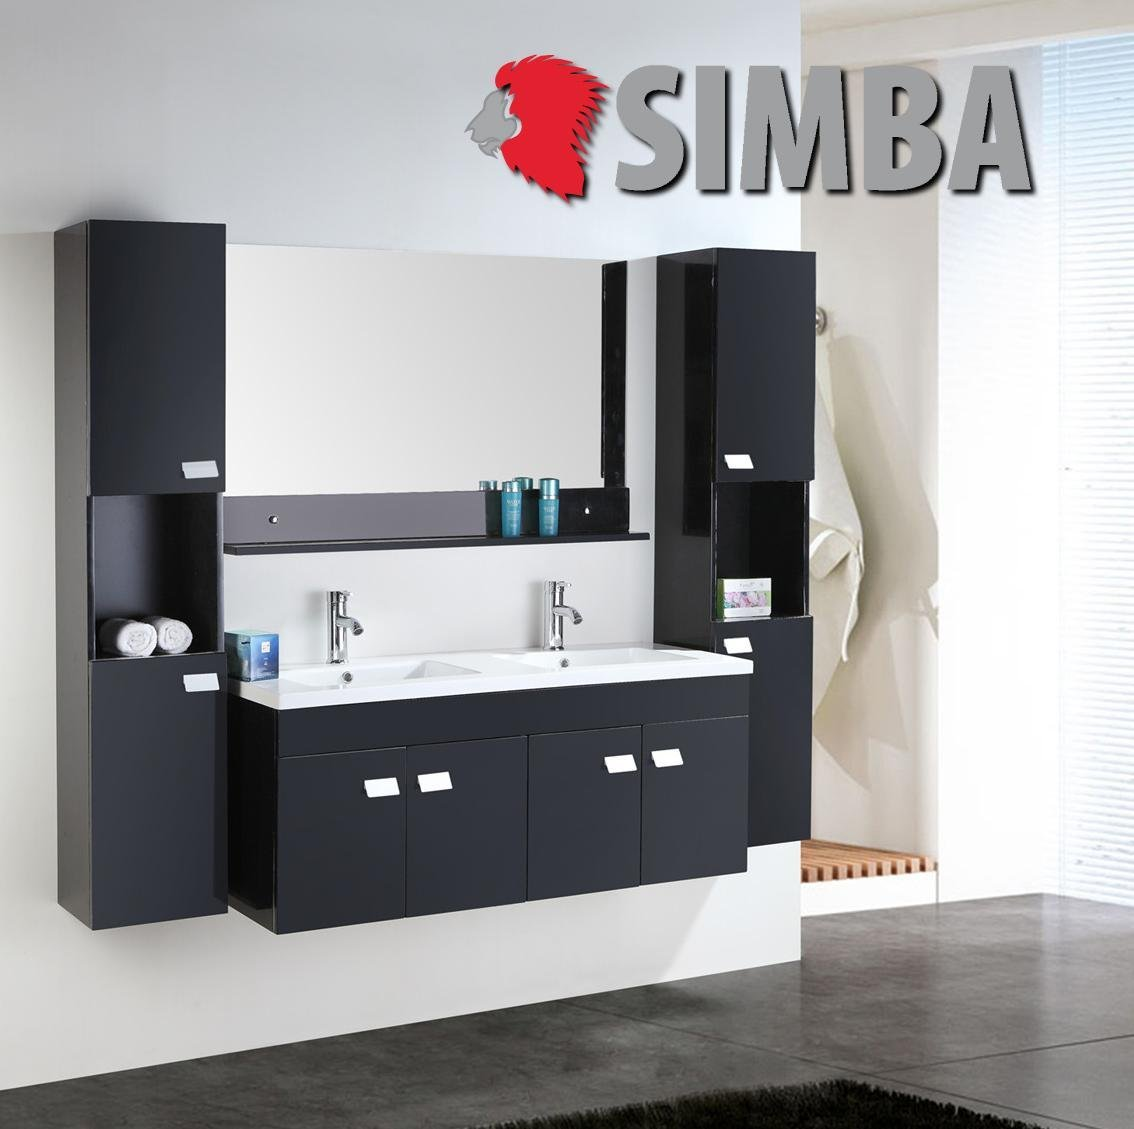 Bemerkenswert Badezimmermöbel Günstig Galerie Von Badmöbel Badezimmermöbel Badezimmer Waschbecken Waschtisch Schrank Spiegel